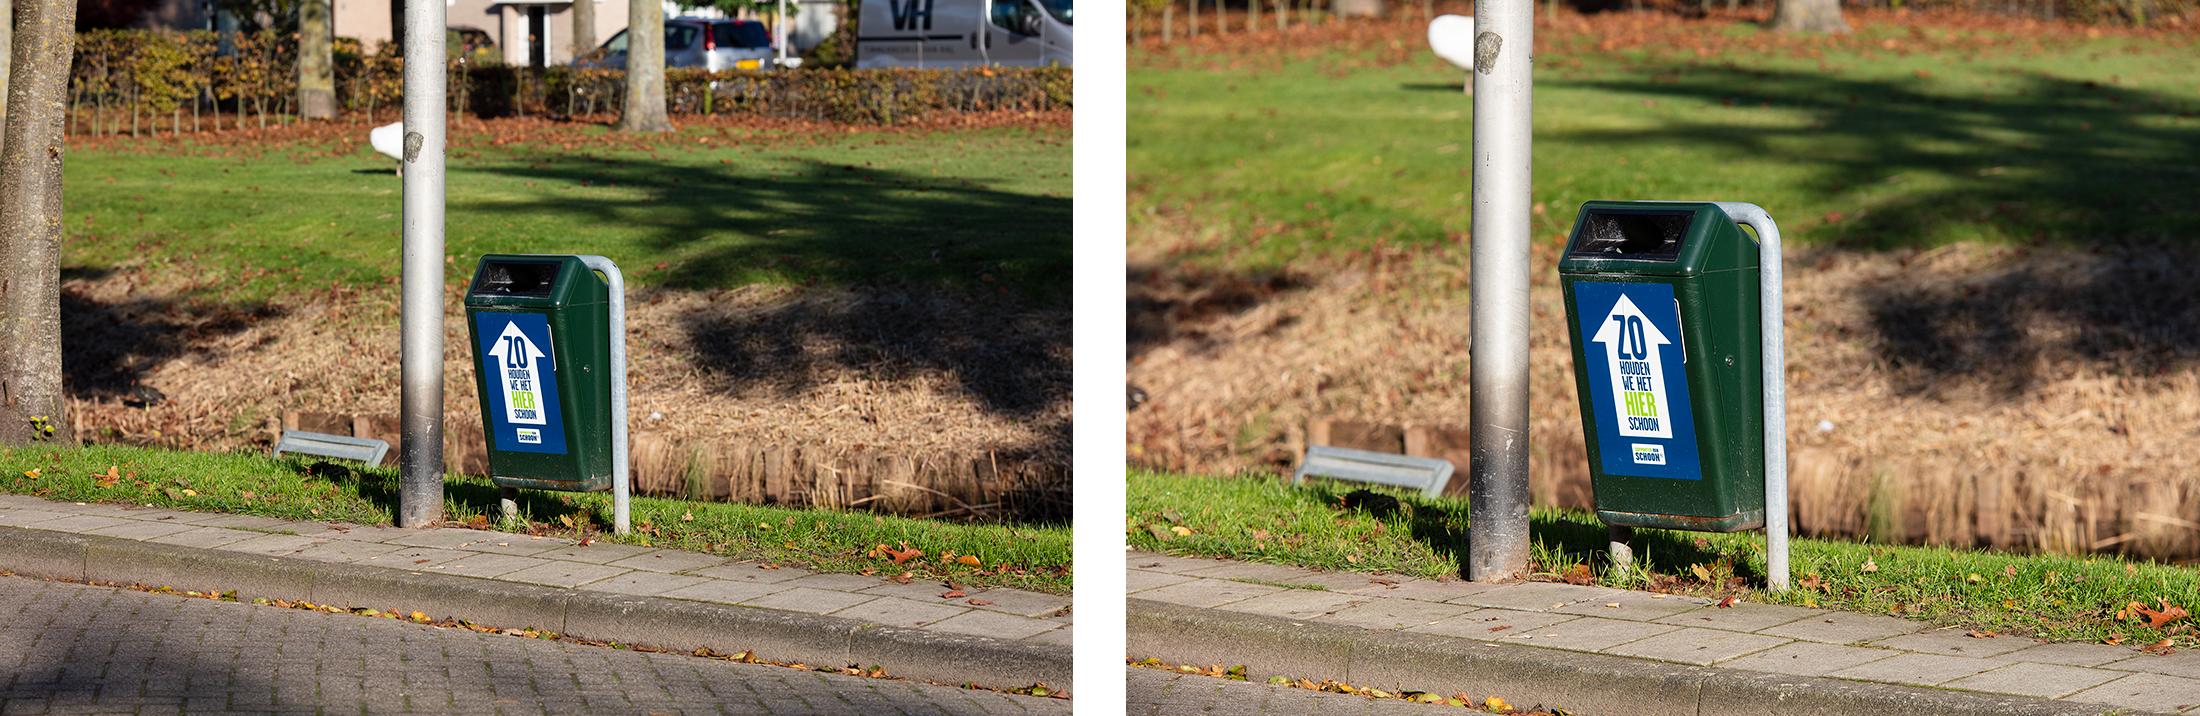 Voorbeeldfoto zonder en met een 1.4 extender